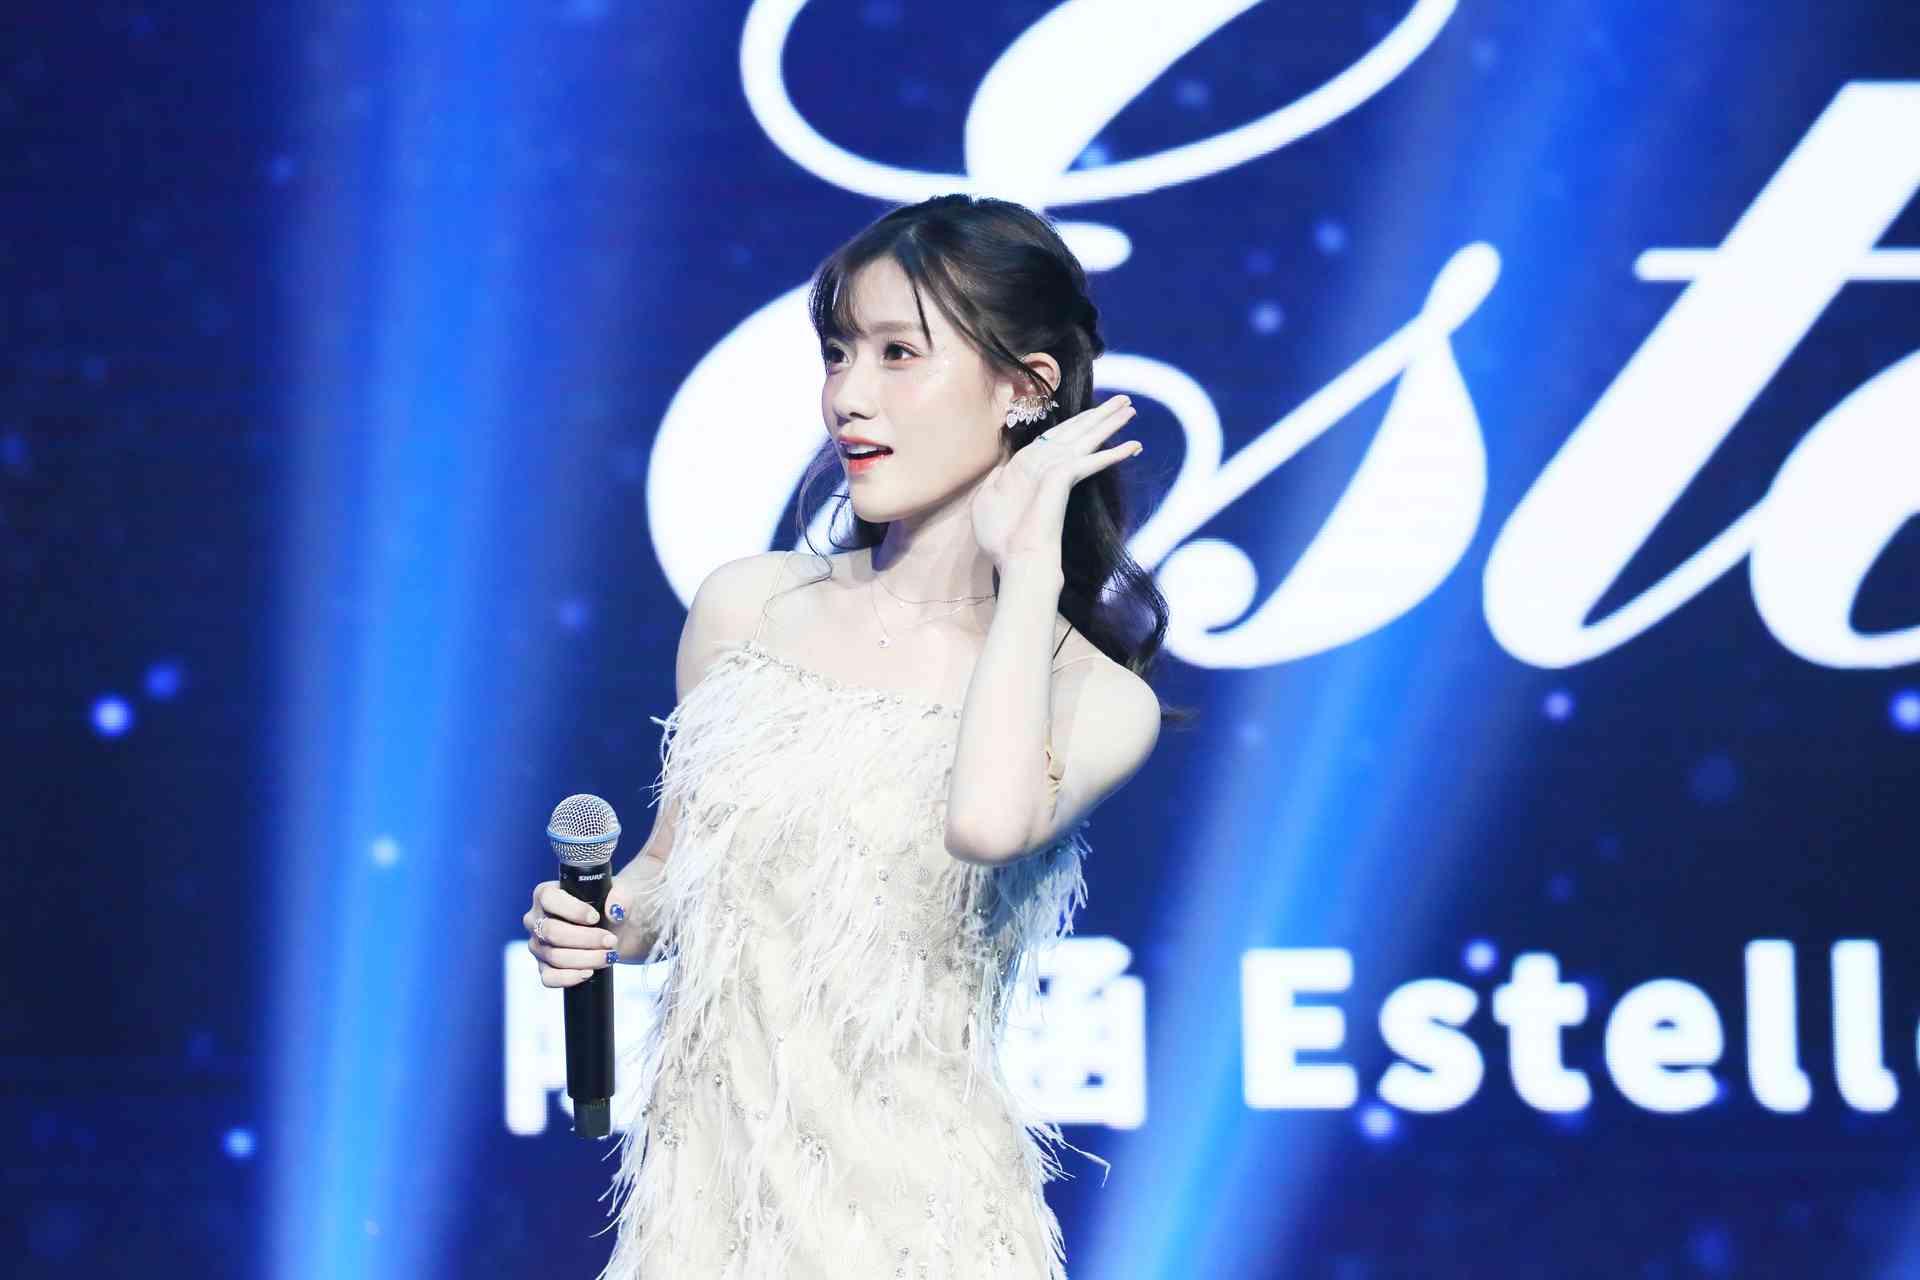 """陈意涵Estelle生日会首唱《我喜欢你》 见证成长从""""心""""出发"""